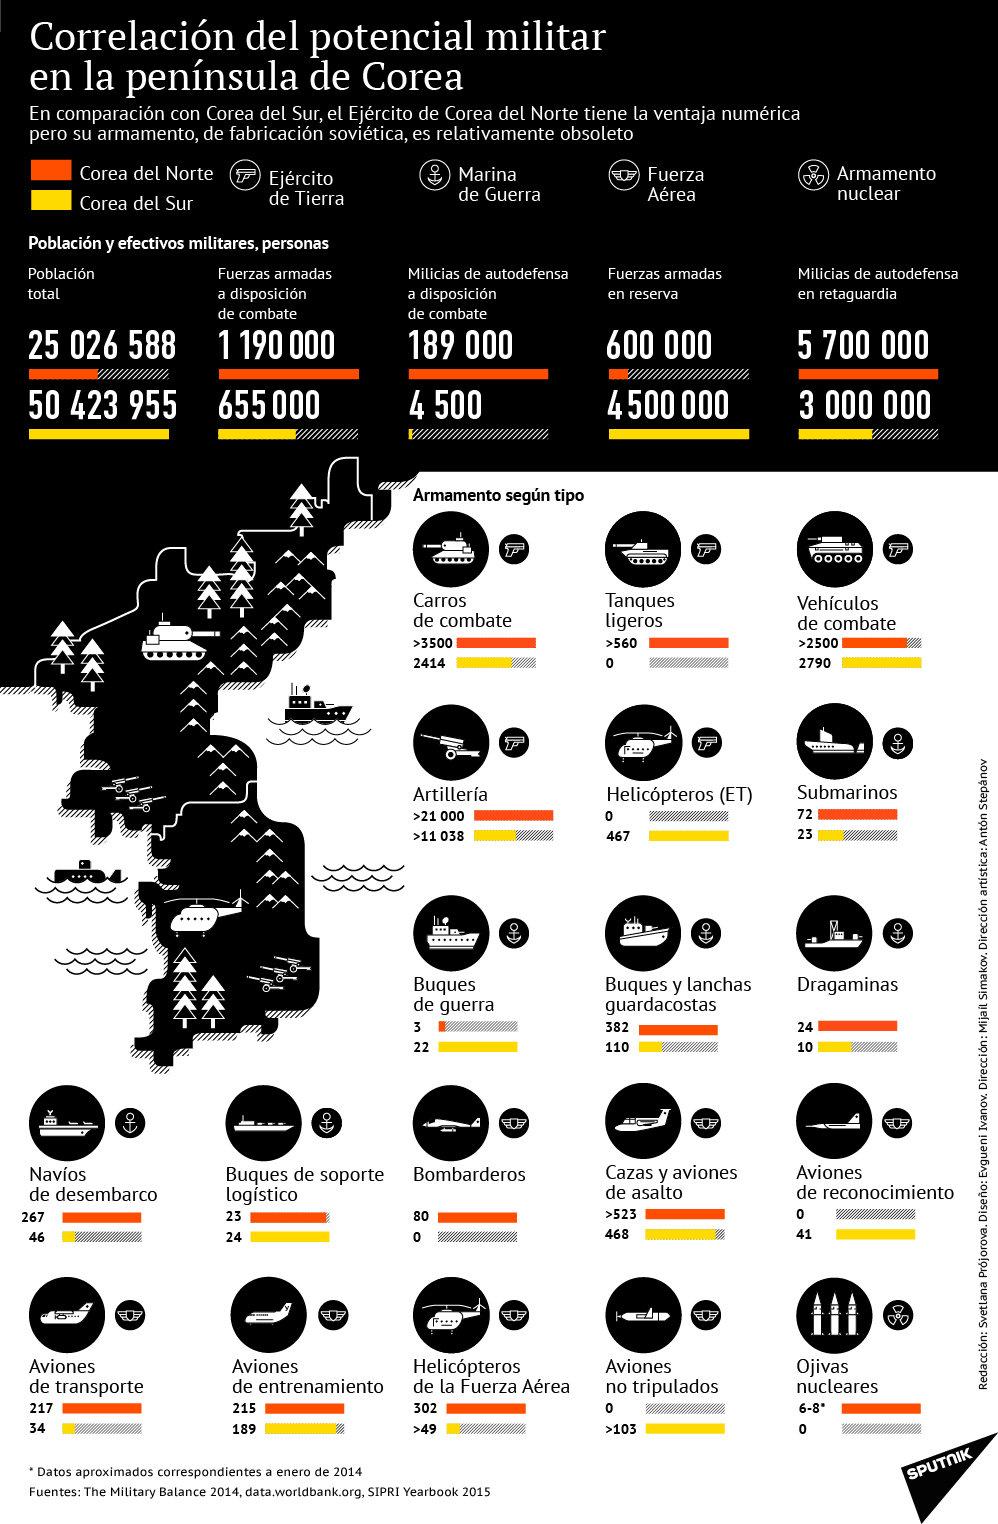 Correlación de las fuerzas en la península de Corea